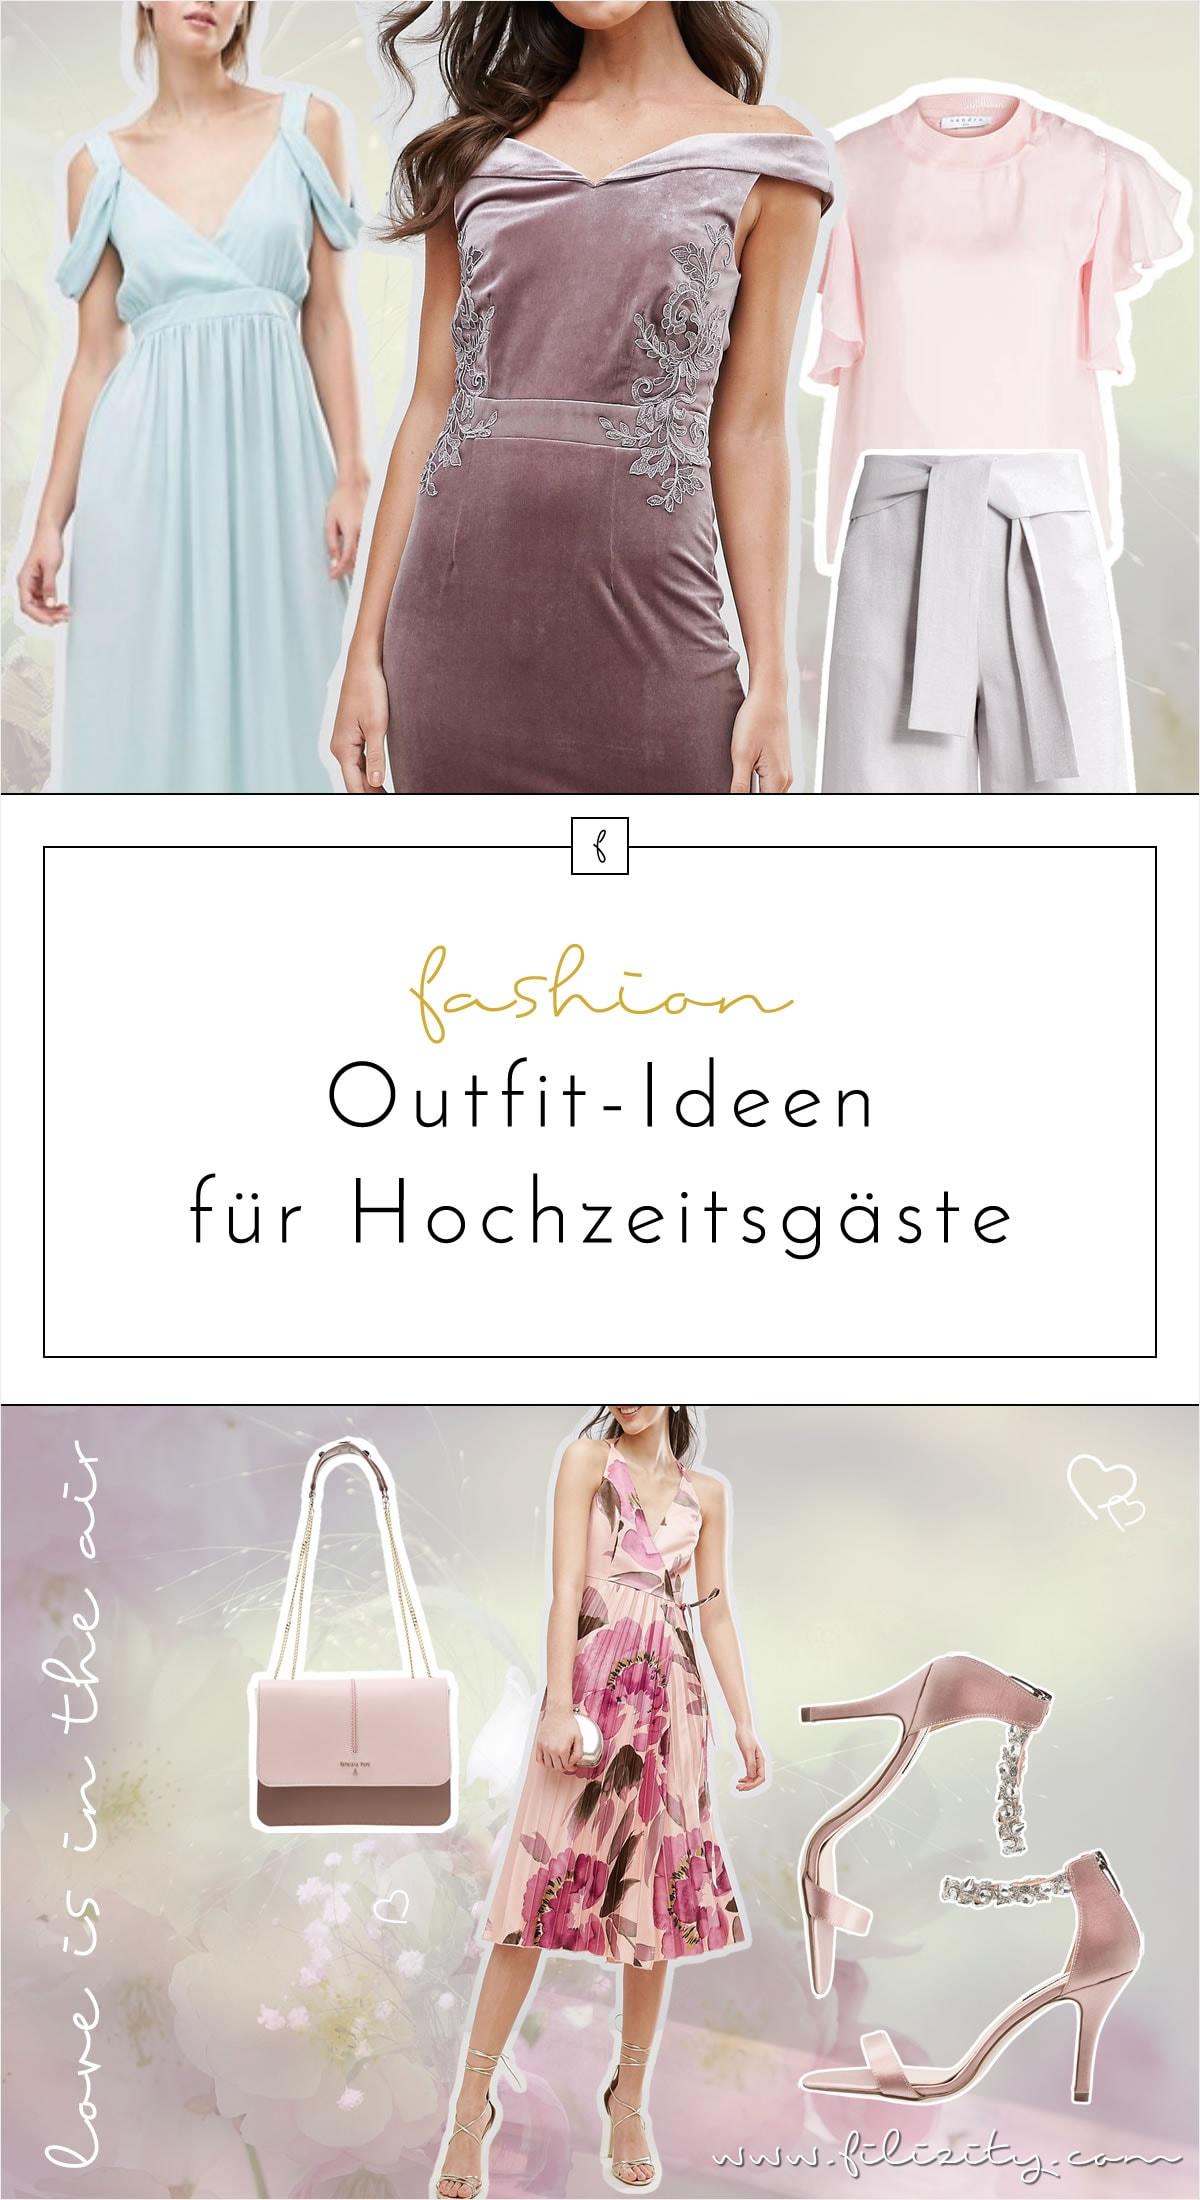 Perfekt gestylt – 4 Outfit-Ideen für Hochzeitsgäste Frühjahr/Sommer 2017